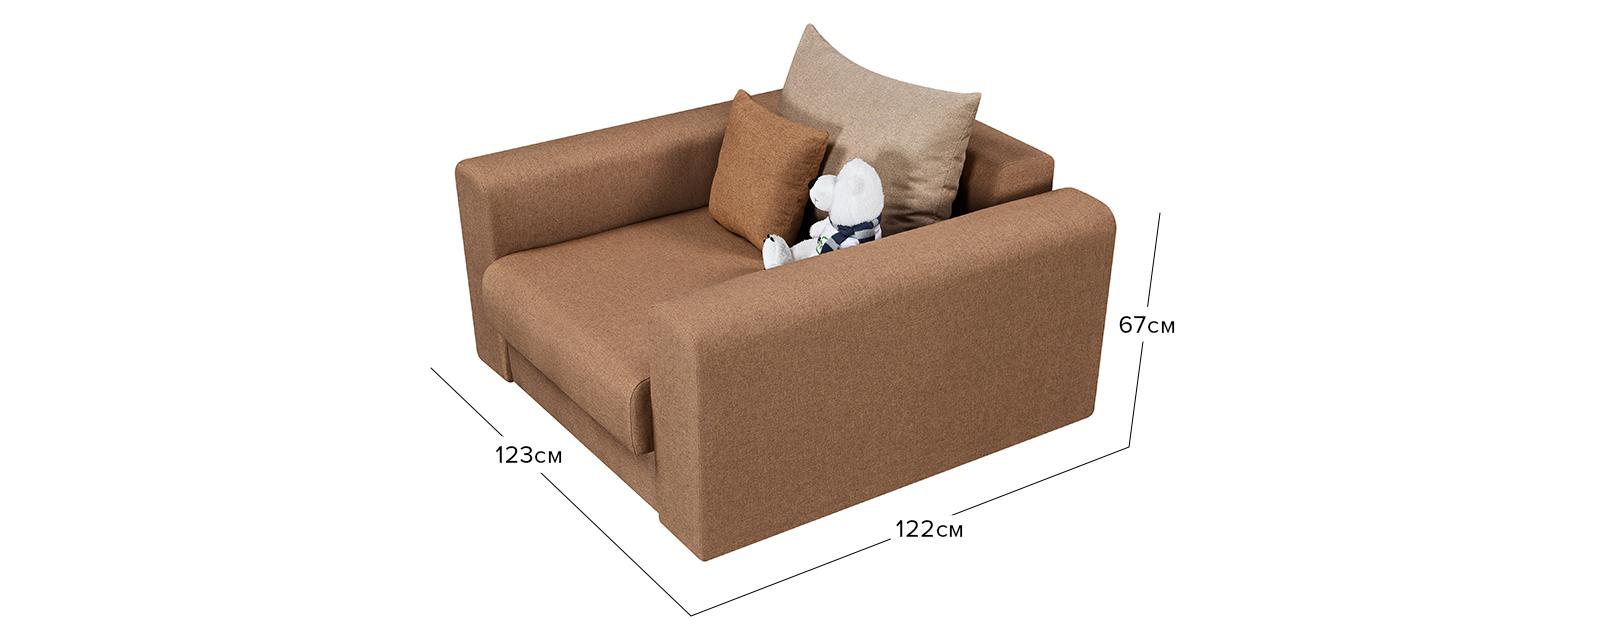 Кресло тканевое Медисон 80 см Kiton коричневый (Рогожка)